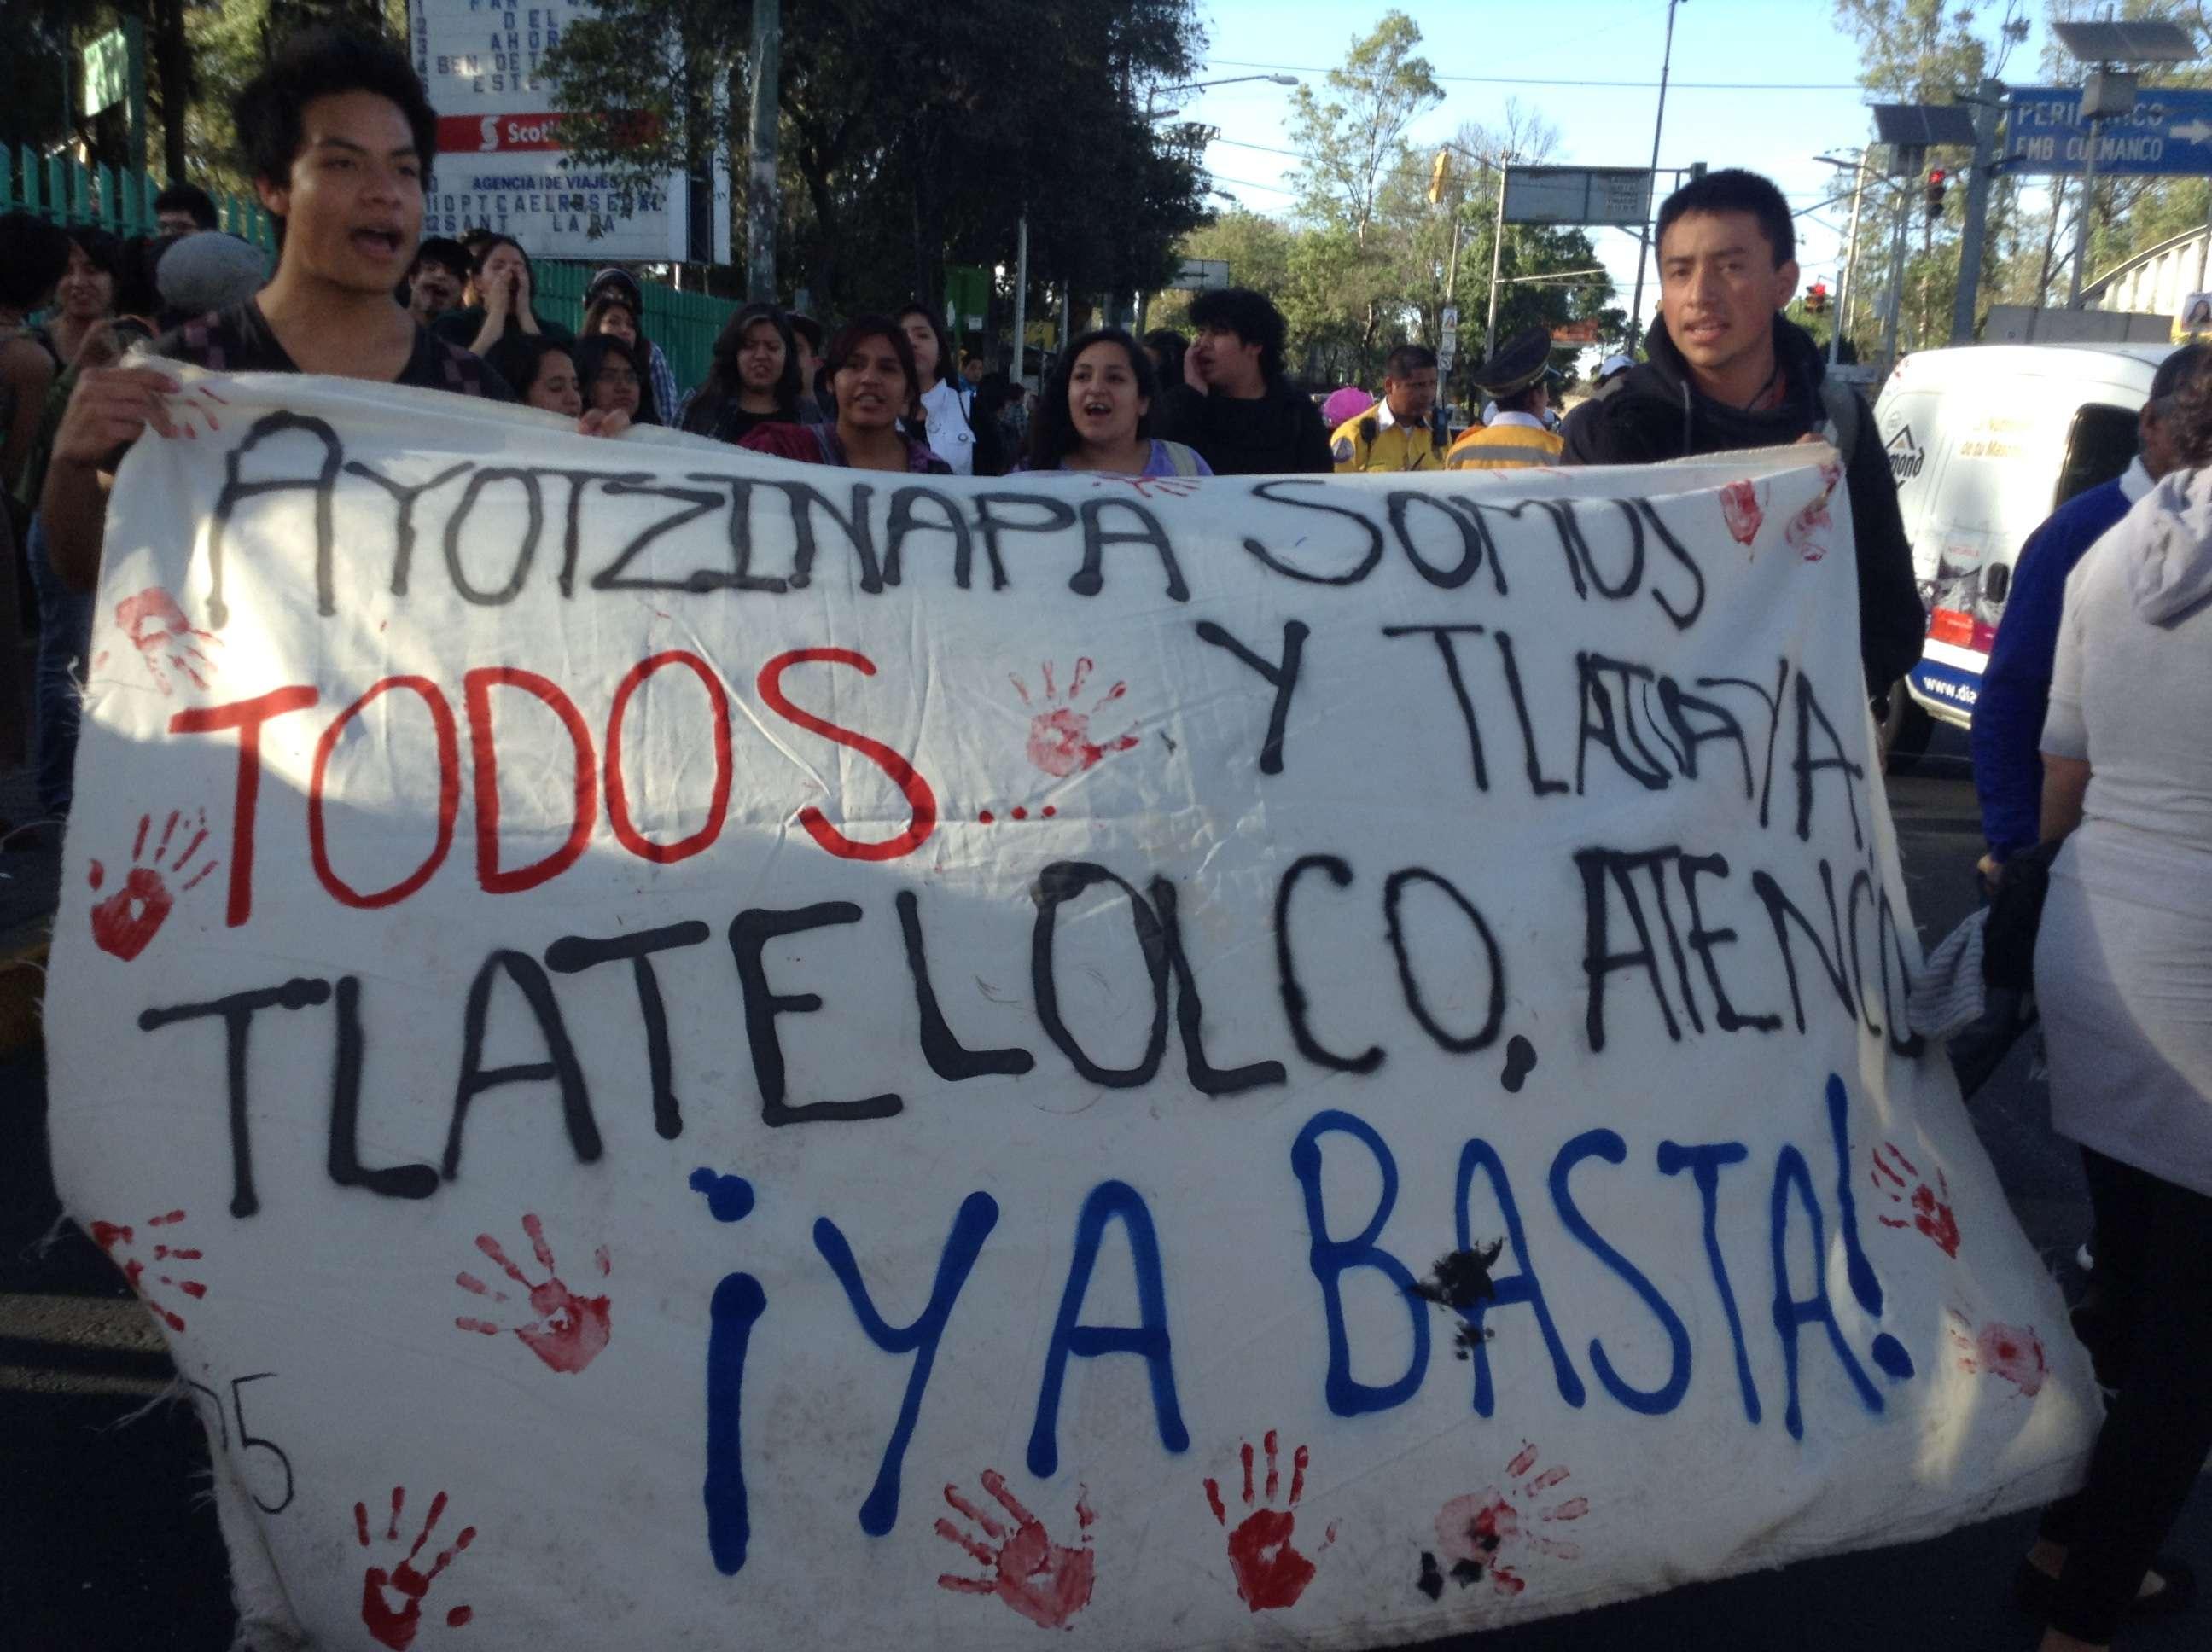 Las principales vialidades de la Ciudad de México, así como diversos servicios de transporte, pueden sufrir afectaciones por las distintas protestas y manifestaciones previstas para hoy. Foto: Verónica Ortiz Narváez/Terra México